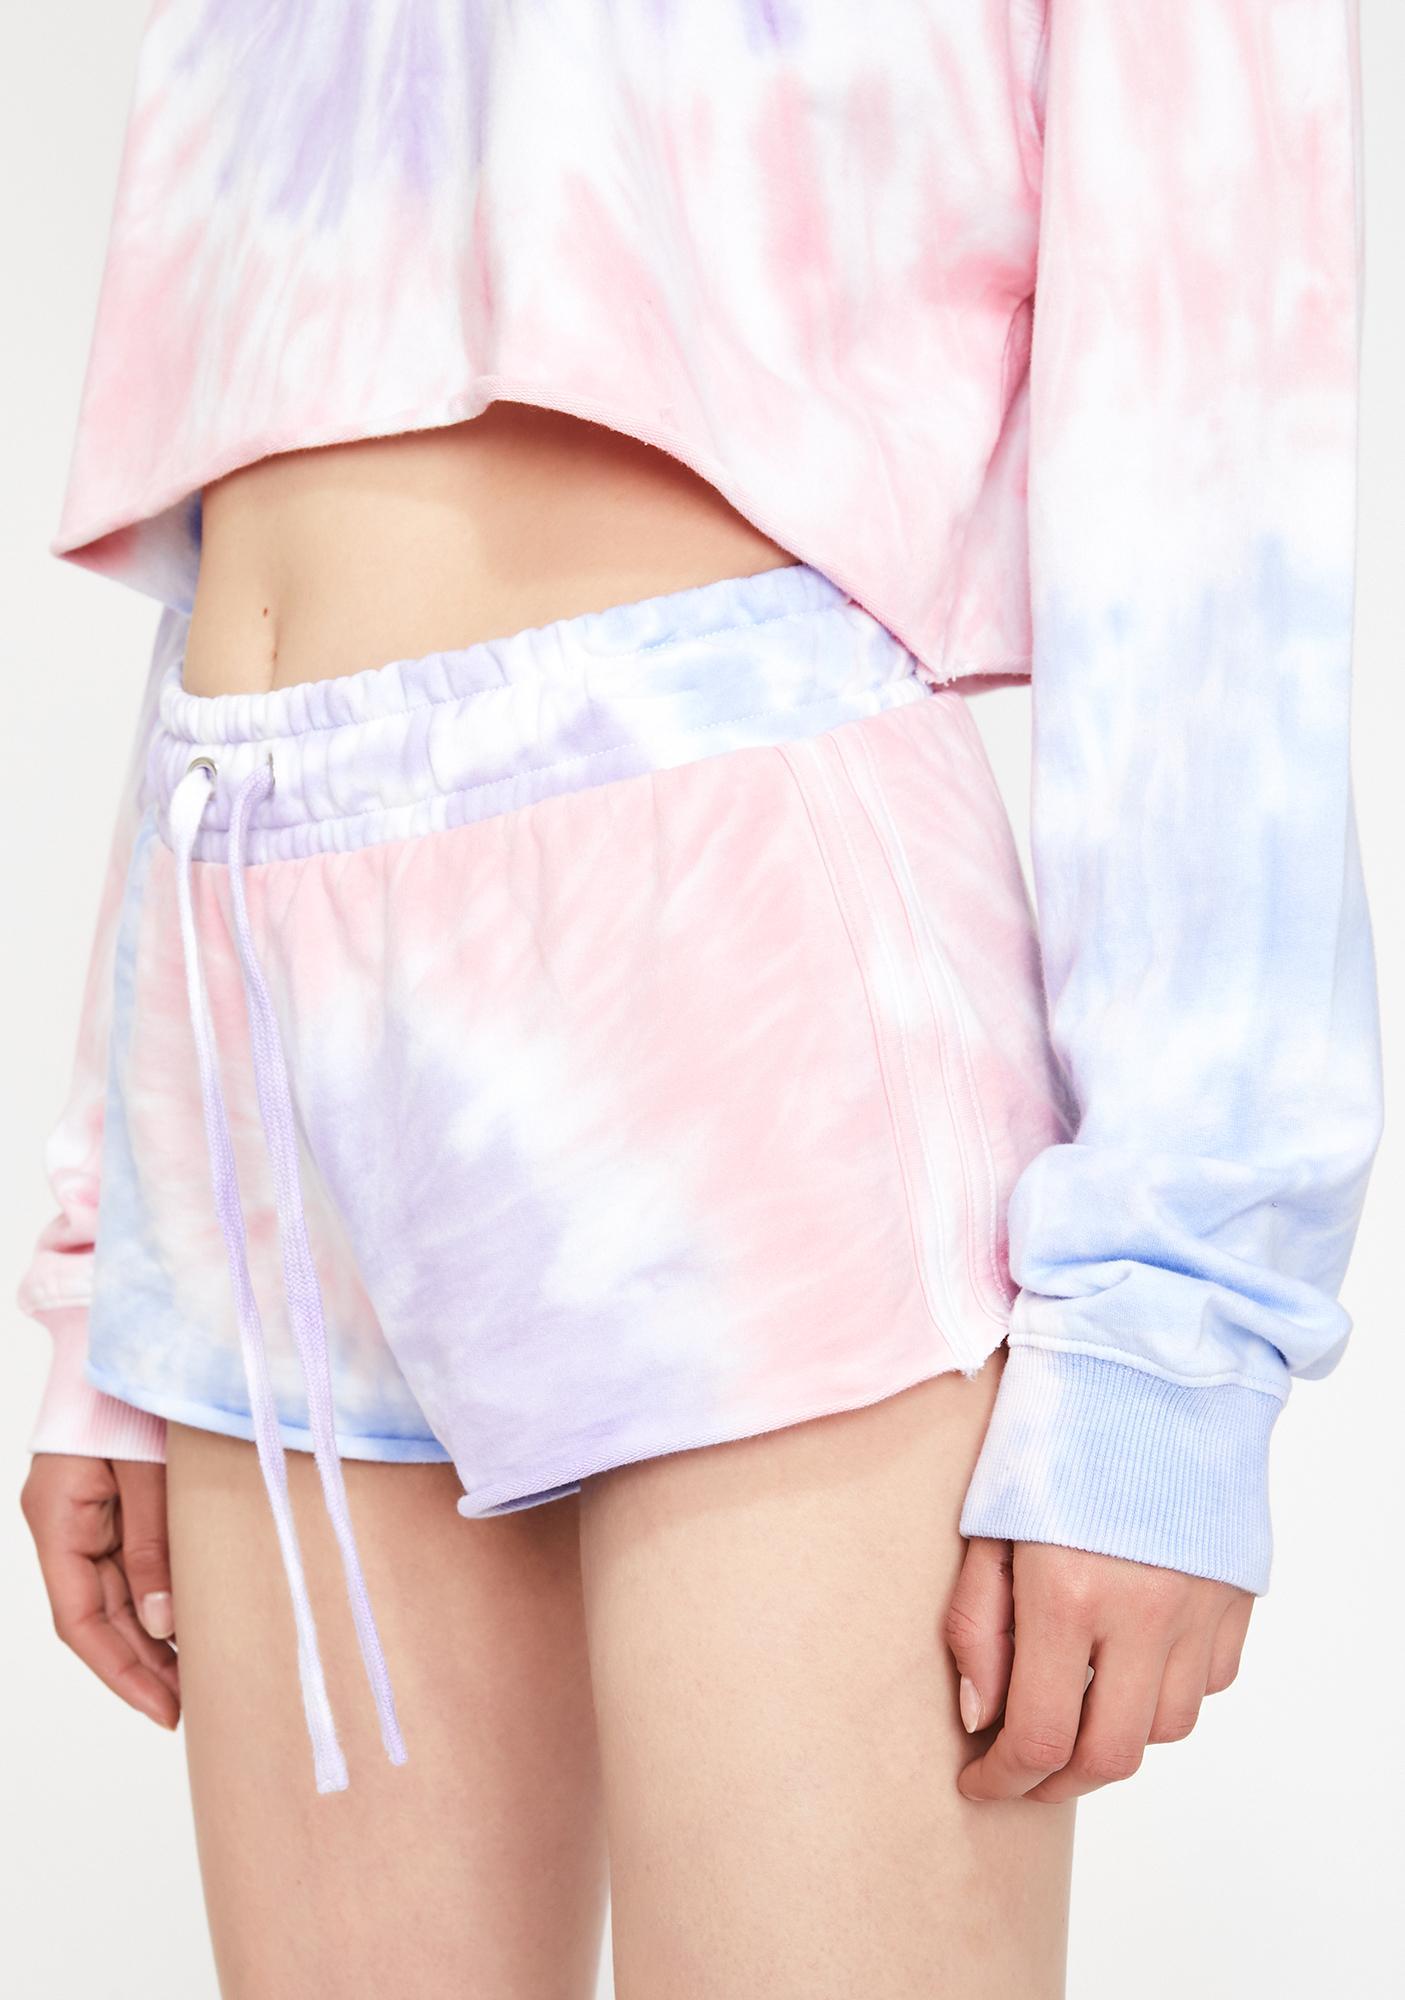 HOROSCOPEZ Moody Mystic Tie Dye Shorts